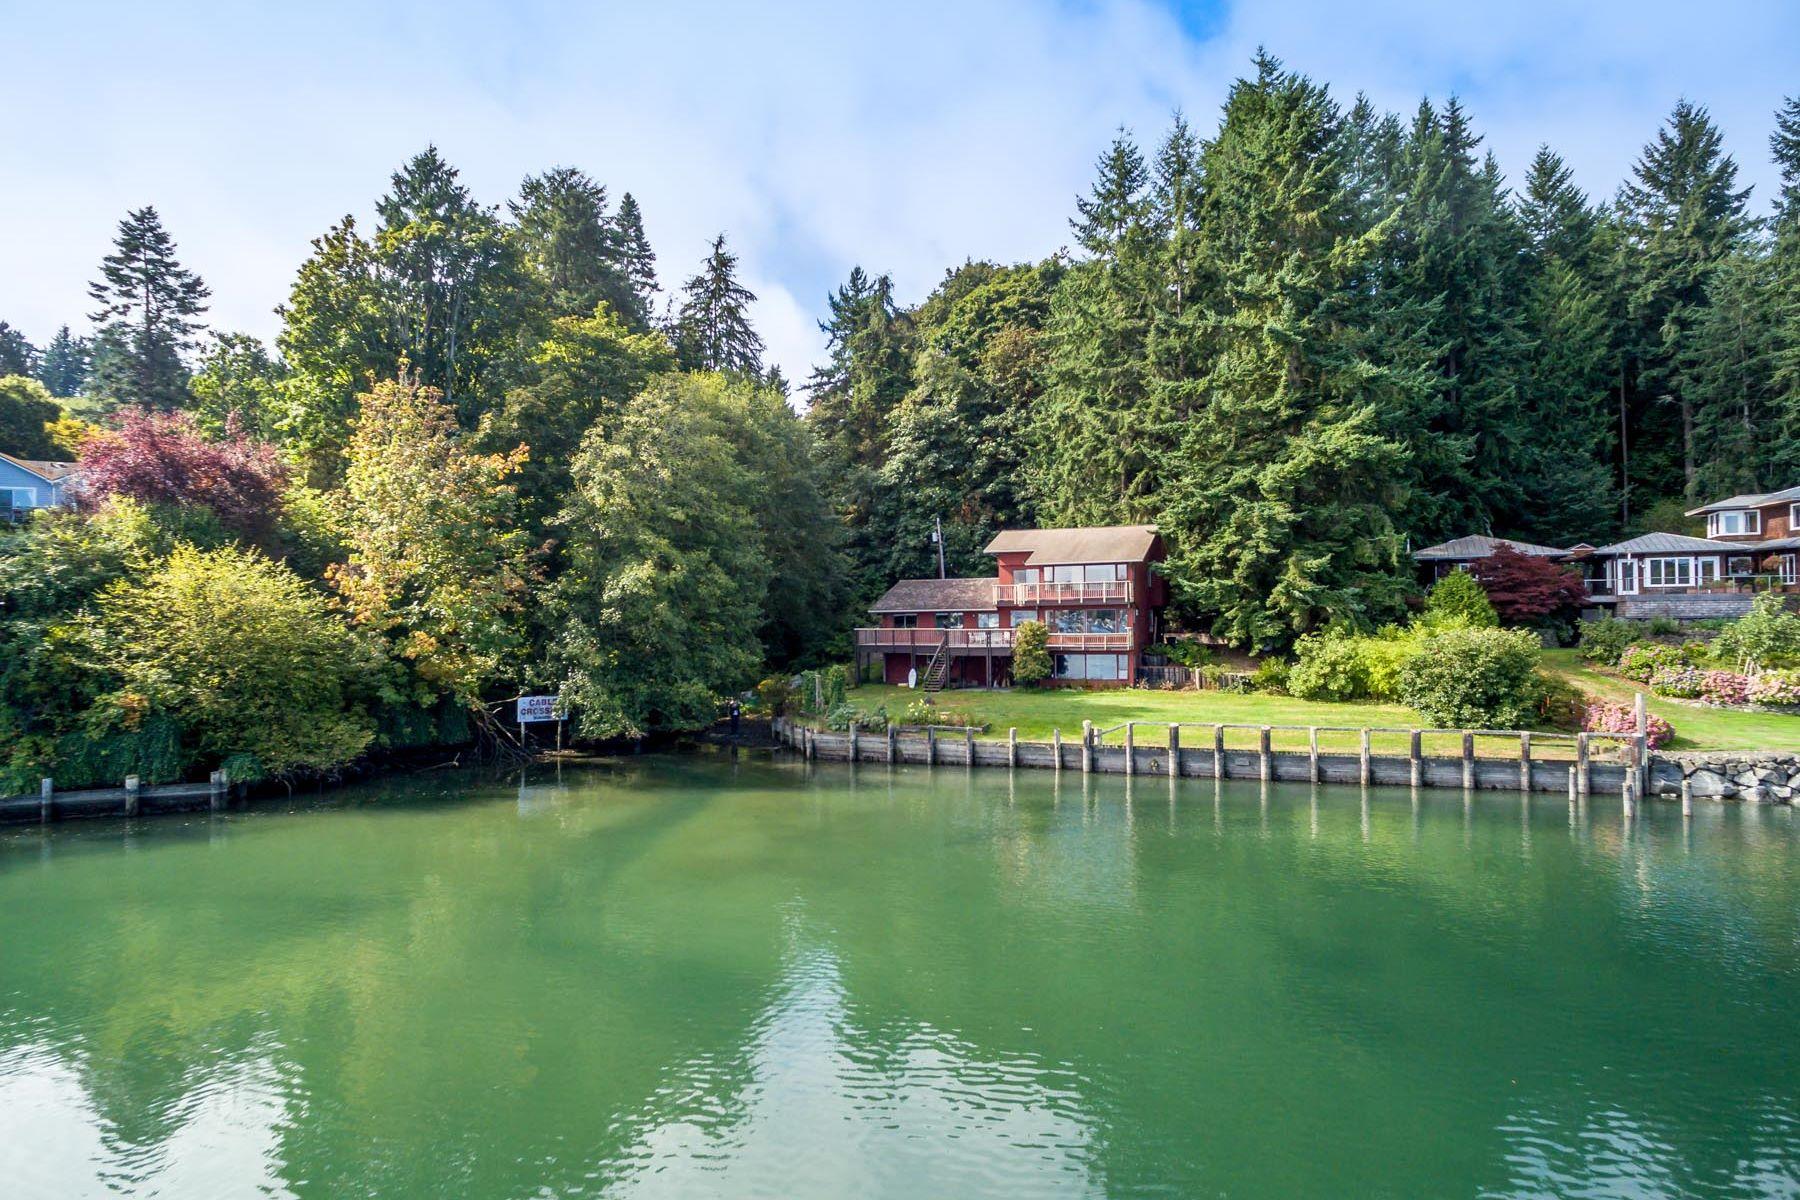 Casa Unifamiliar por un Venta en Island Living on Eagle Harbor 5884 NE Eagle Harbor Dr Bainbridge Island, Washington, 98110 Estados Unidos